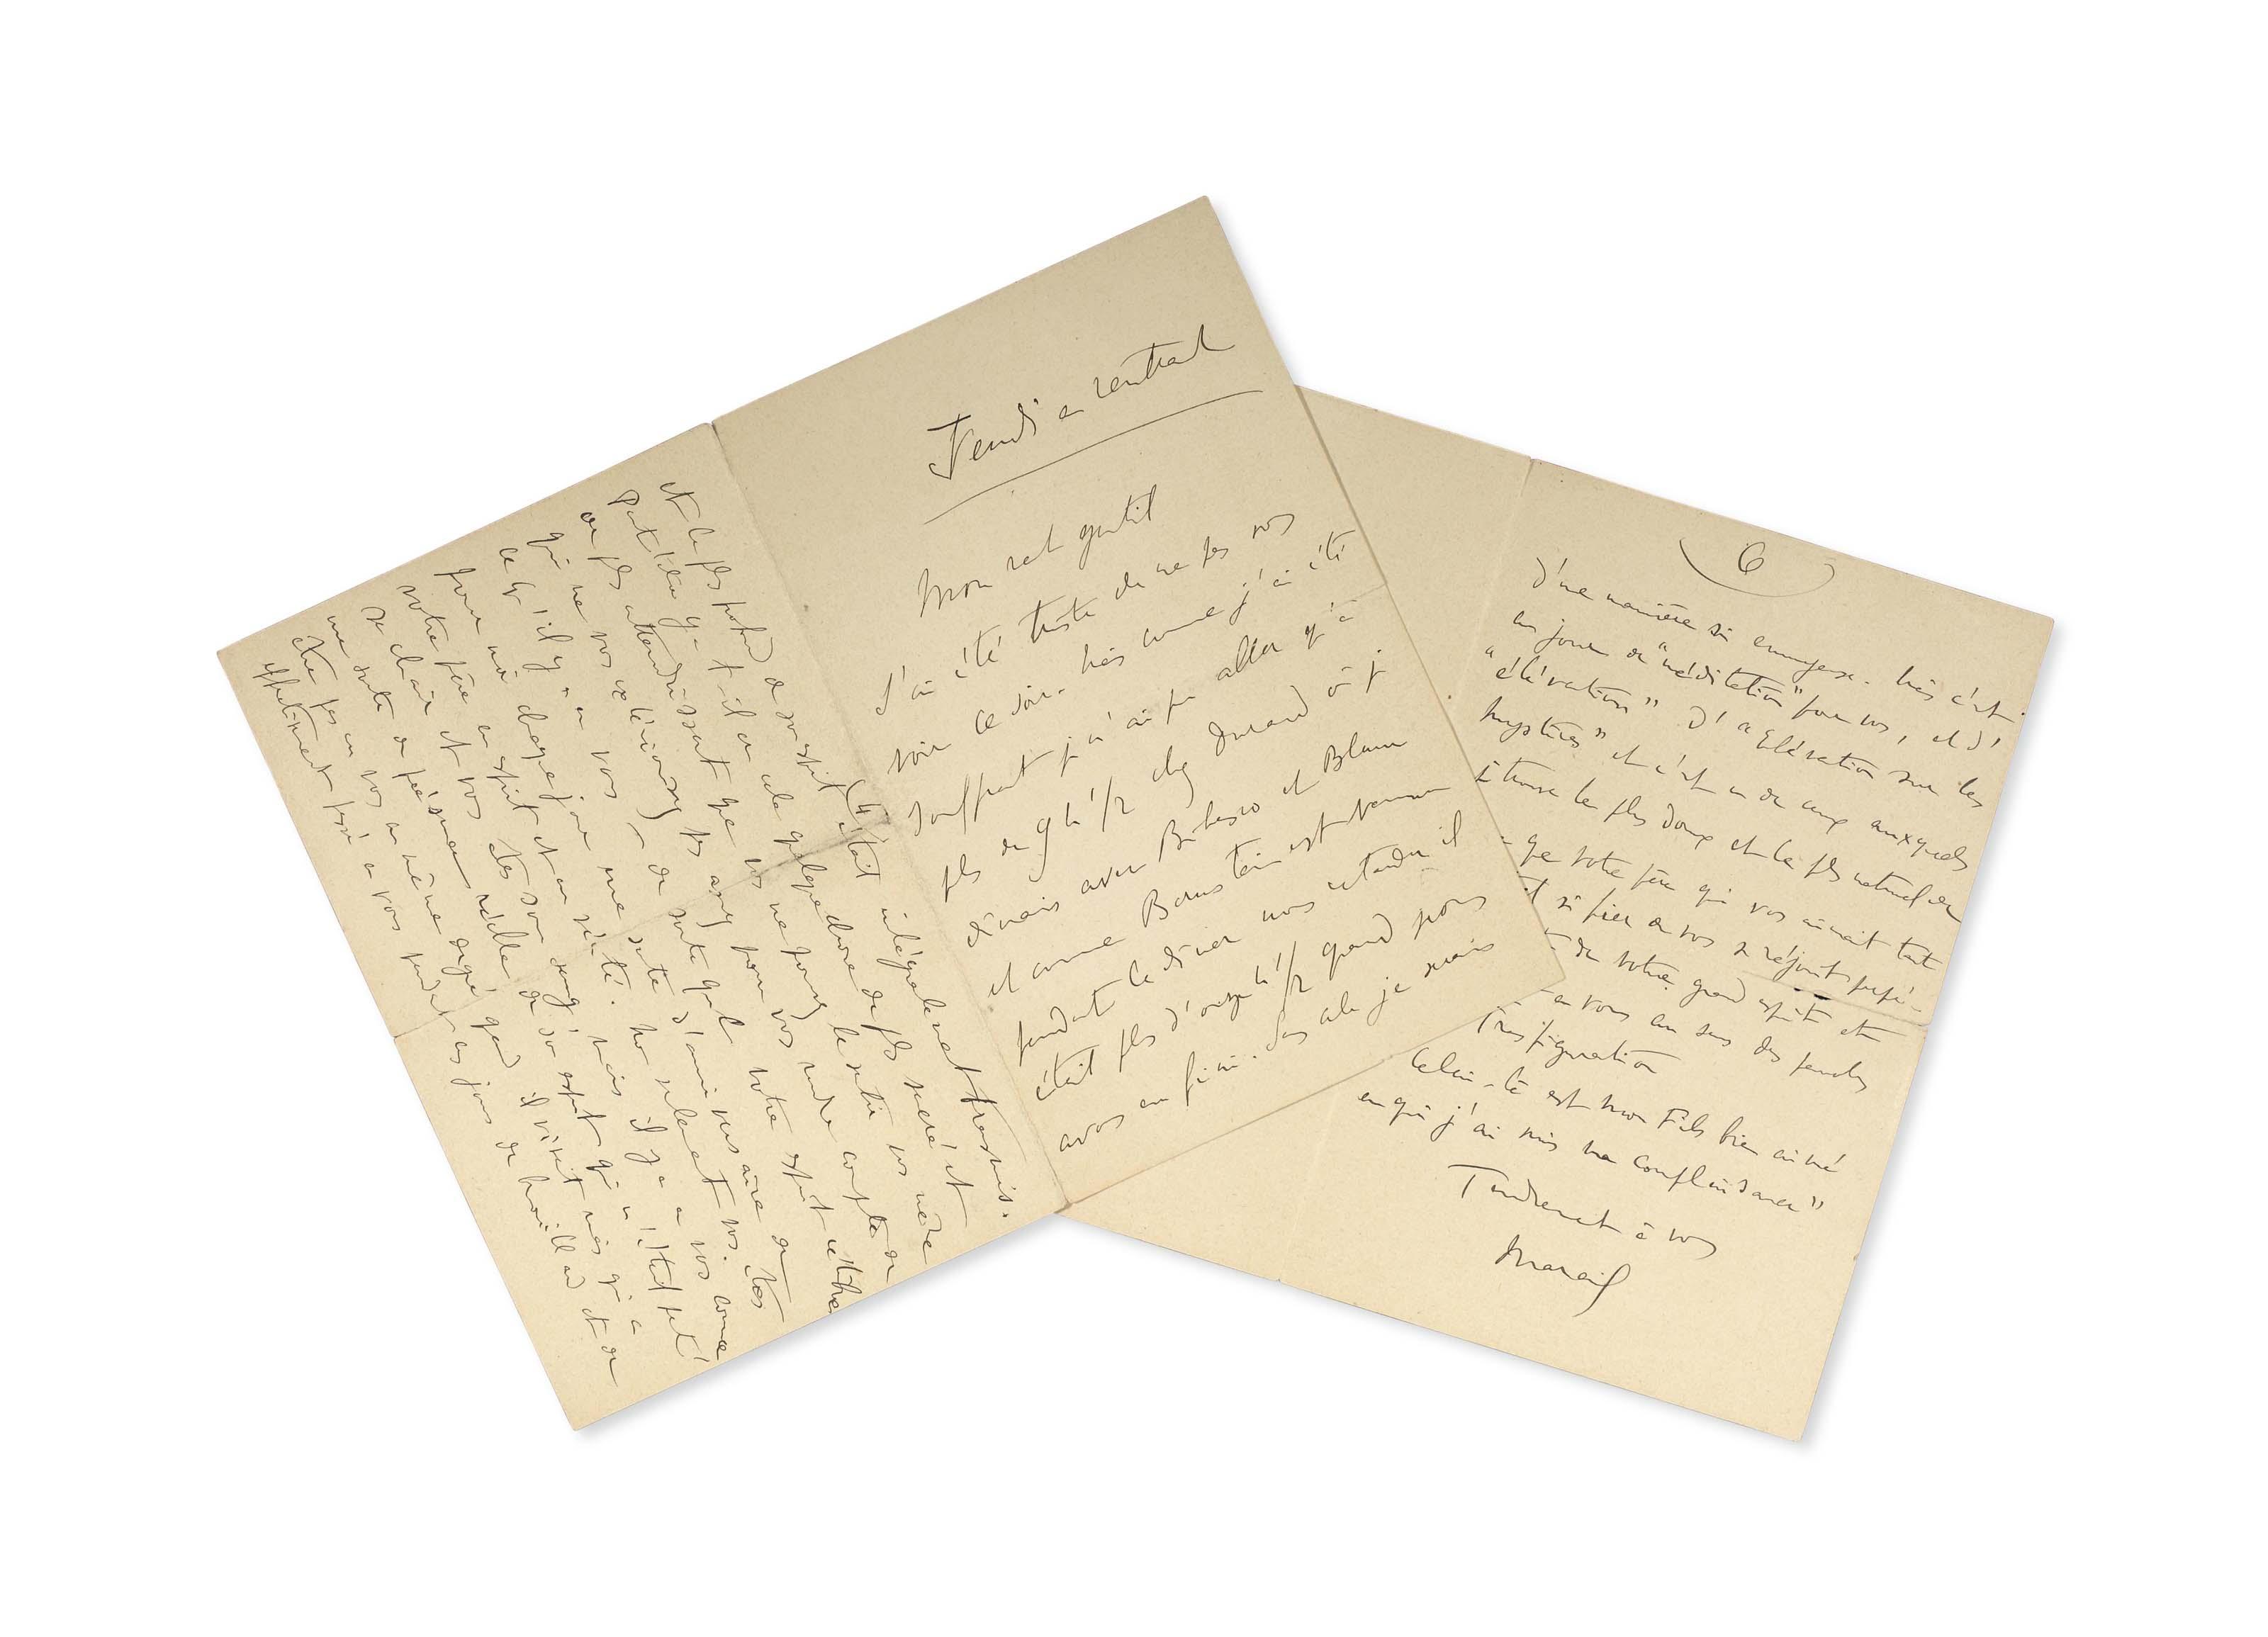 """PROUST, Marcel (1871-1922). Lettre autographe signée """"Marcel"""" à """"mon rat gentil"""" [Lucien Daudet], datée """"jeudi en rentrant"""" [probablement fin 1897 ou début 1898]. 6 pages in-12 (170 x 112 mm) sur deux feuillets repliés. (Infime déchirure à la pliure)."""